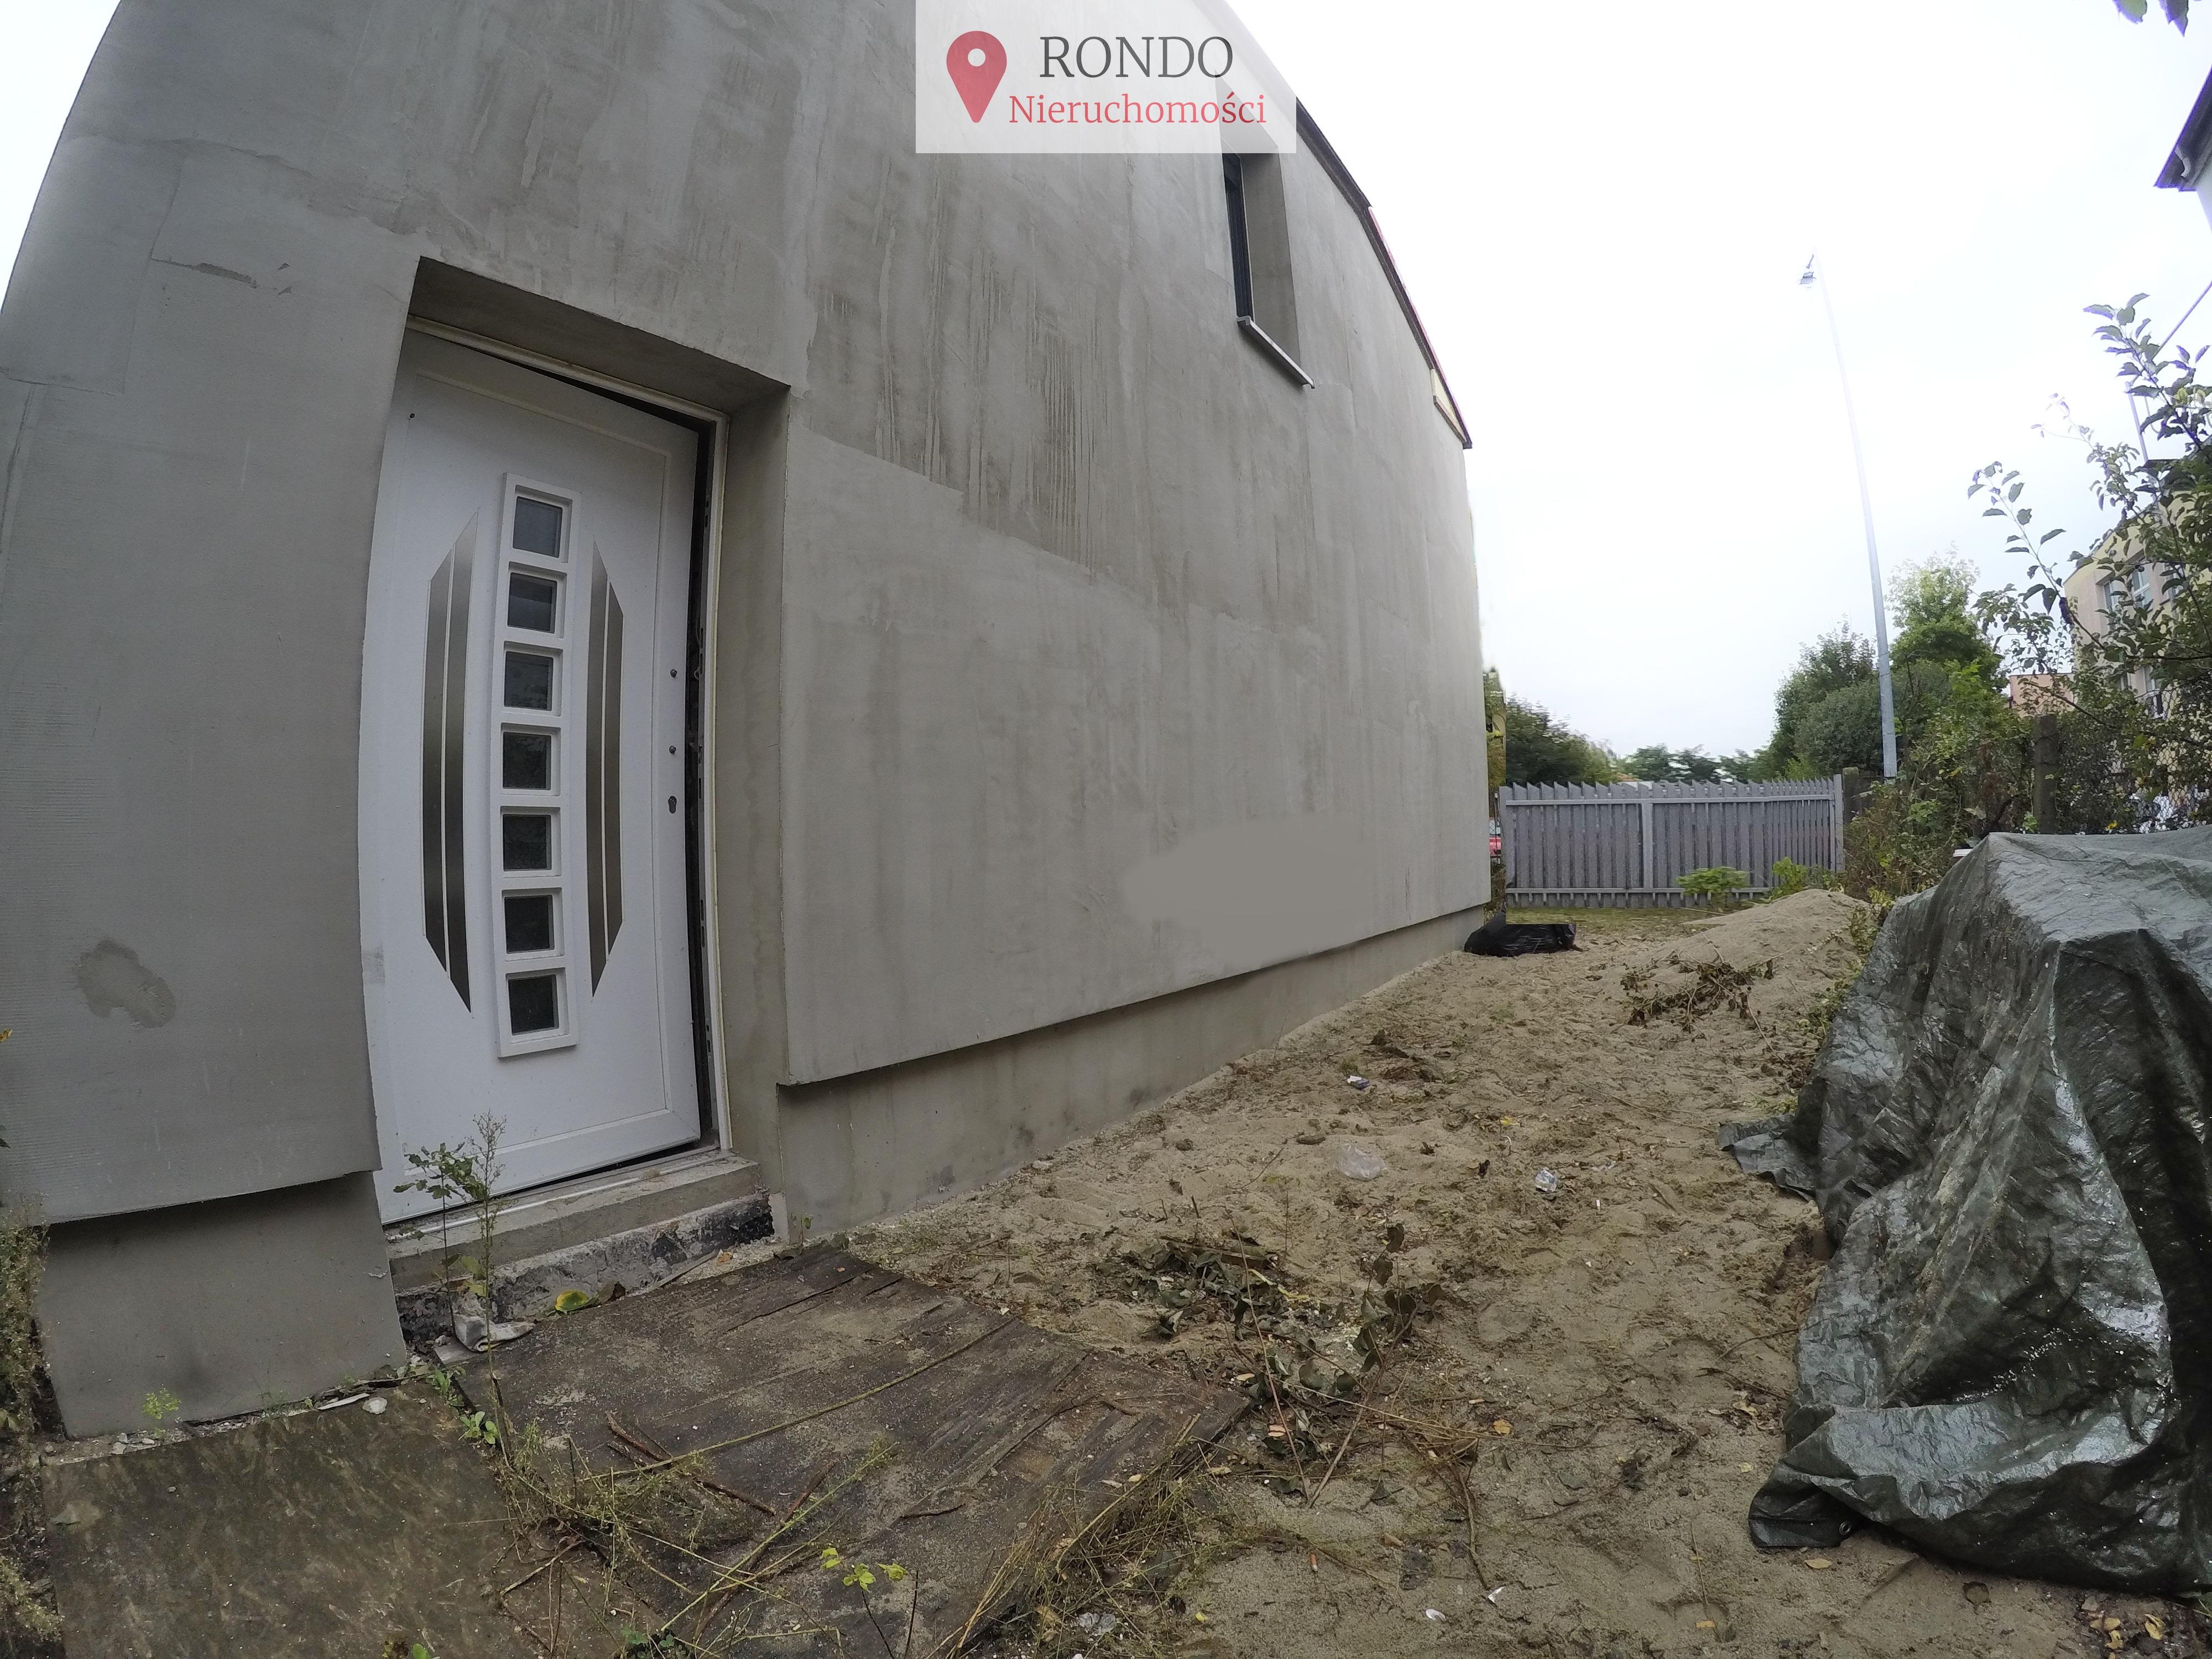 Na sprzedaż dom wolnostojący do remontu z możliwością dowolnej aranżącji wnętrza